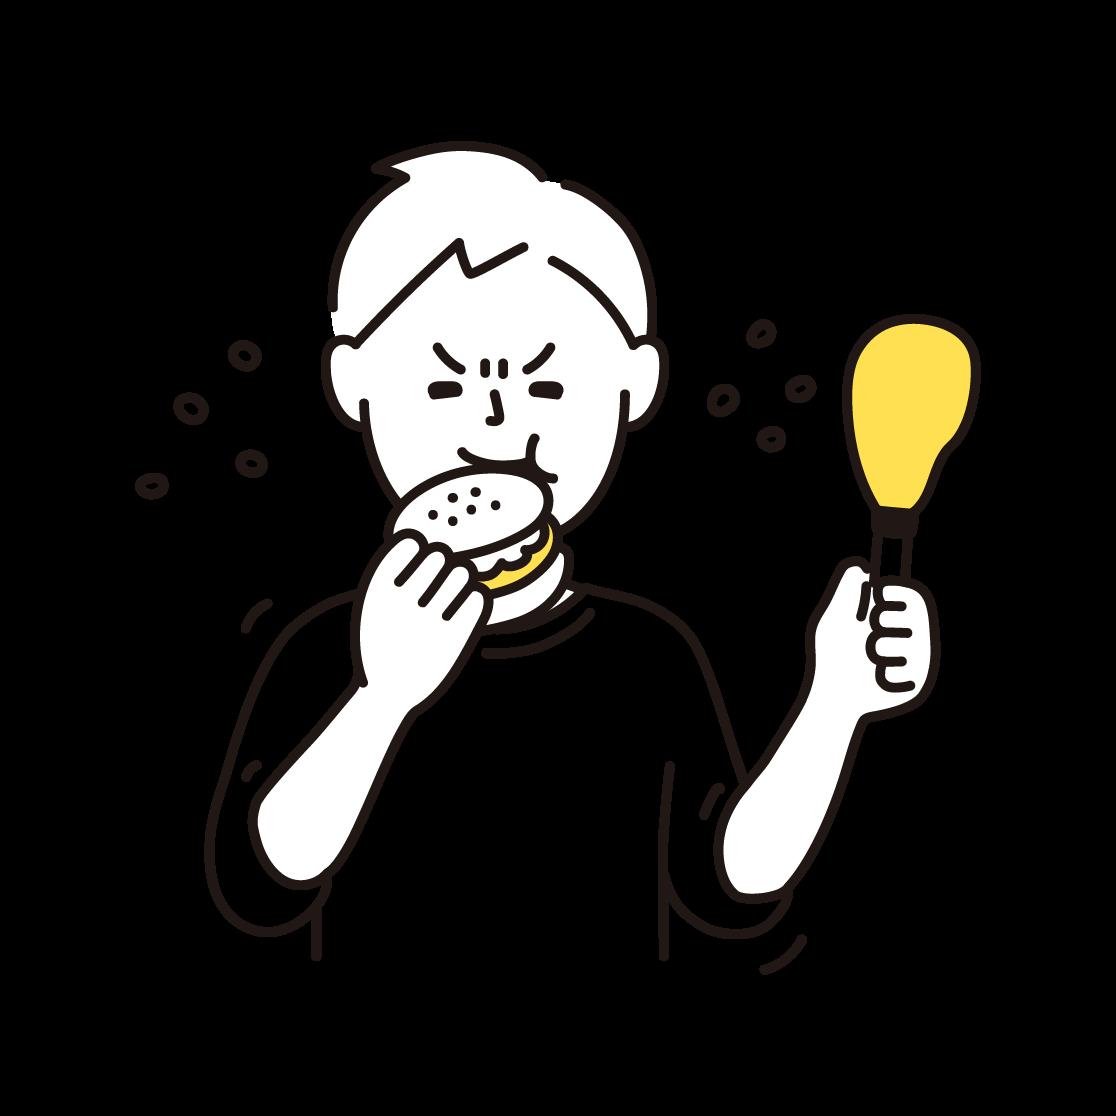 ストレス食いをする男性の単色イラスト